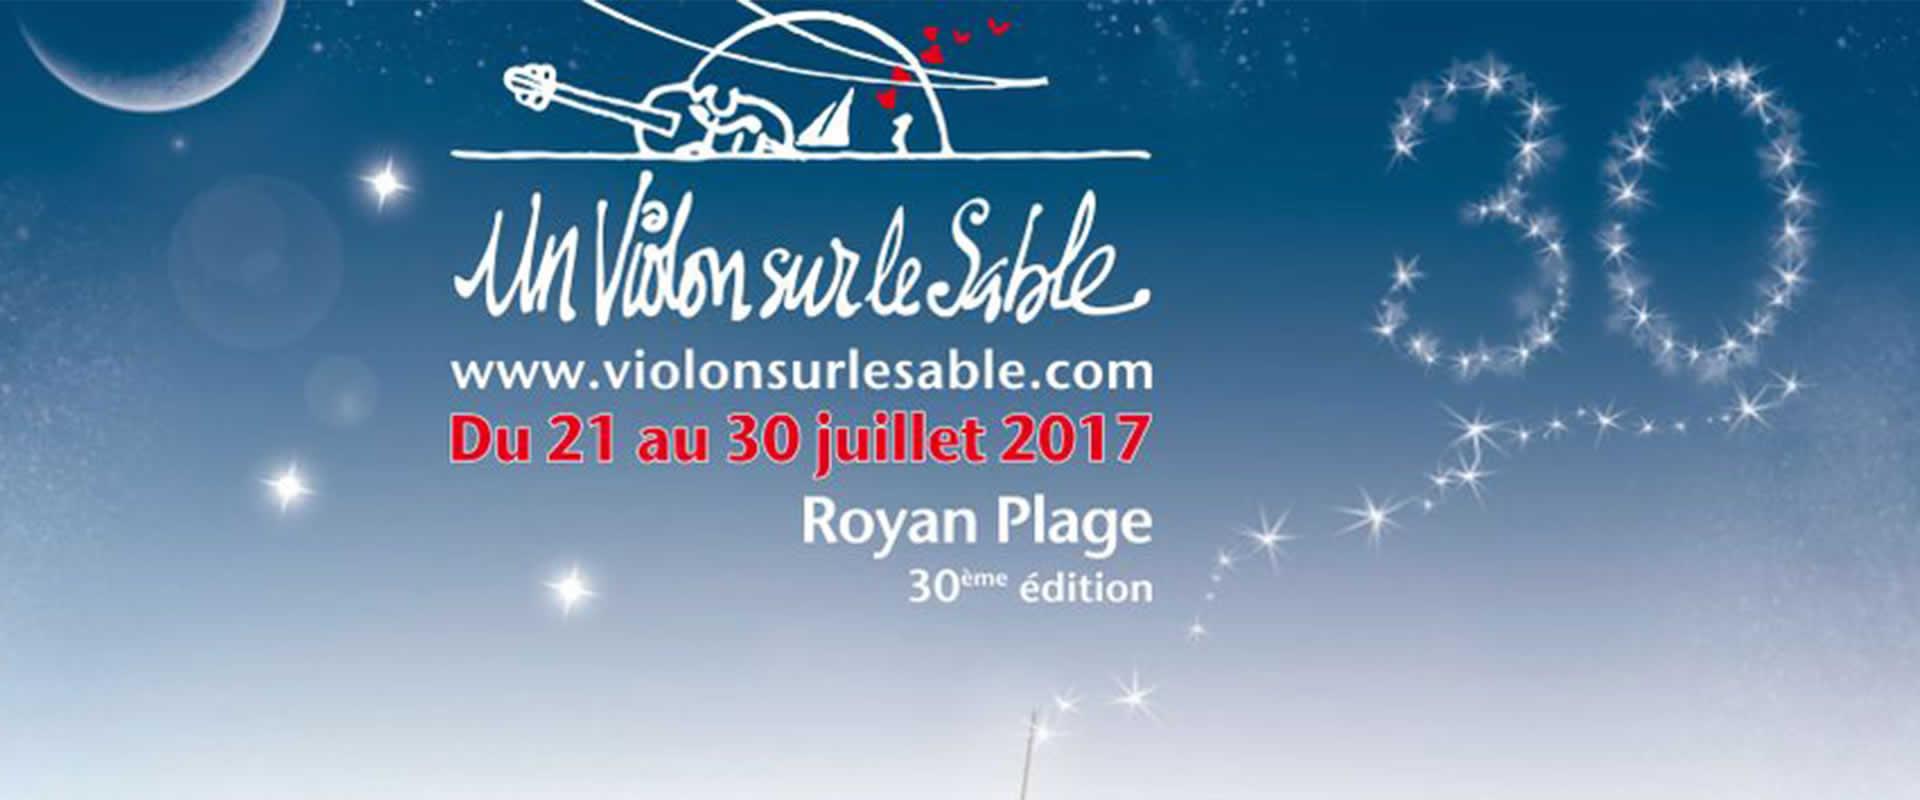 Visuel Un Violon sur le sable avec les équipes de Paris et Bordeaux